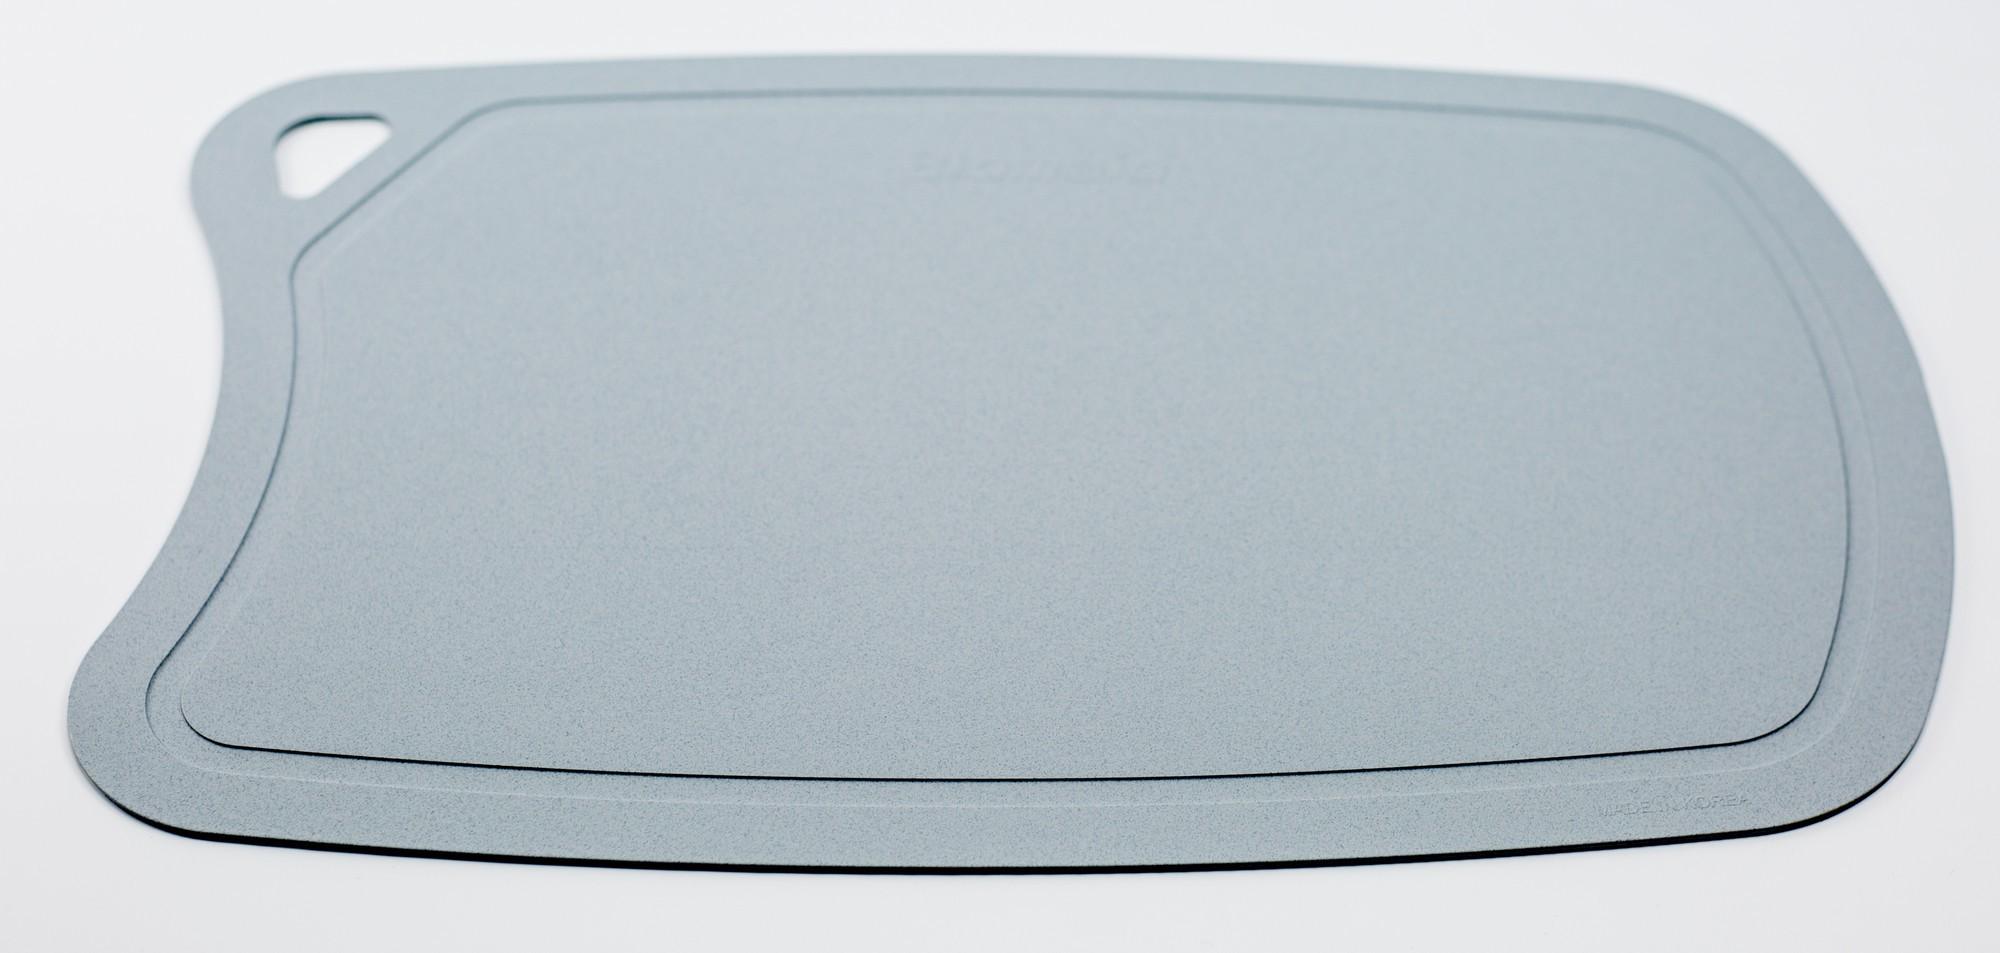 Доска разделочная BIOMAID угольная, термопластичный полиуретан, серая доска разделочная frybest md 1420 1